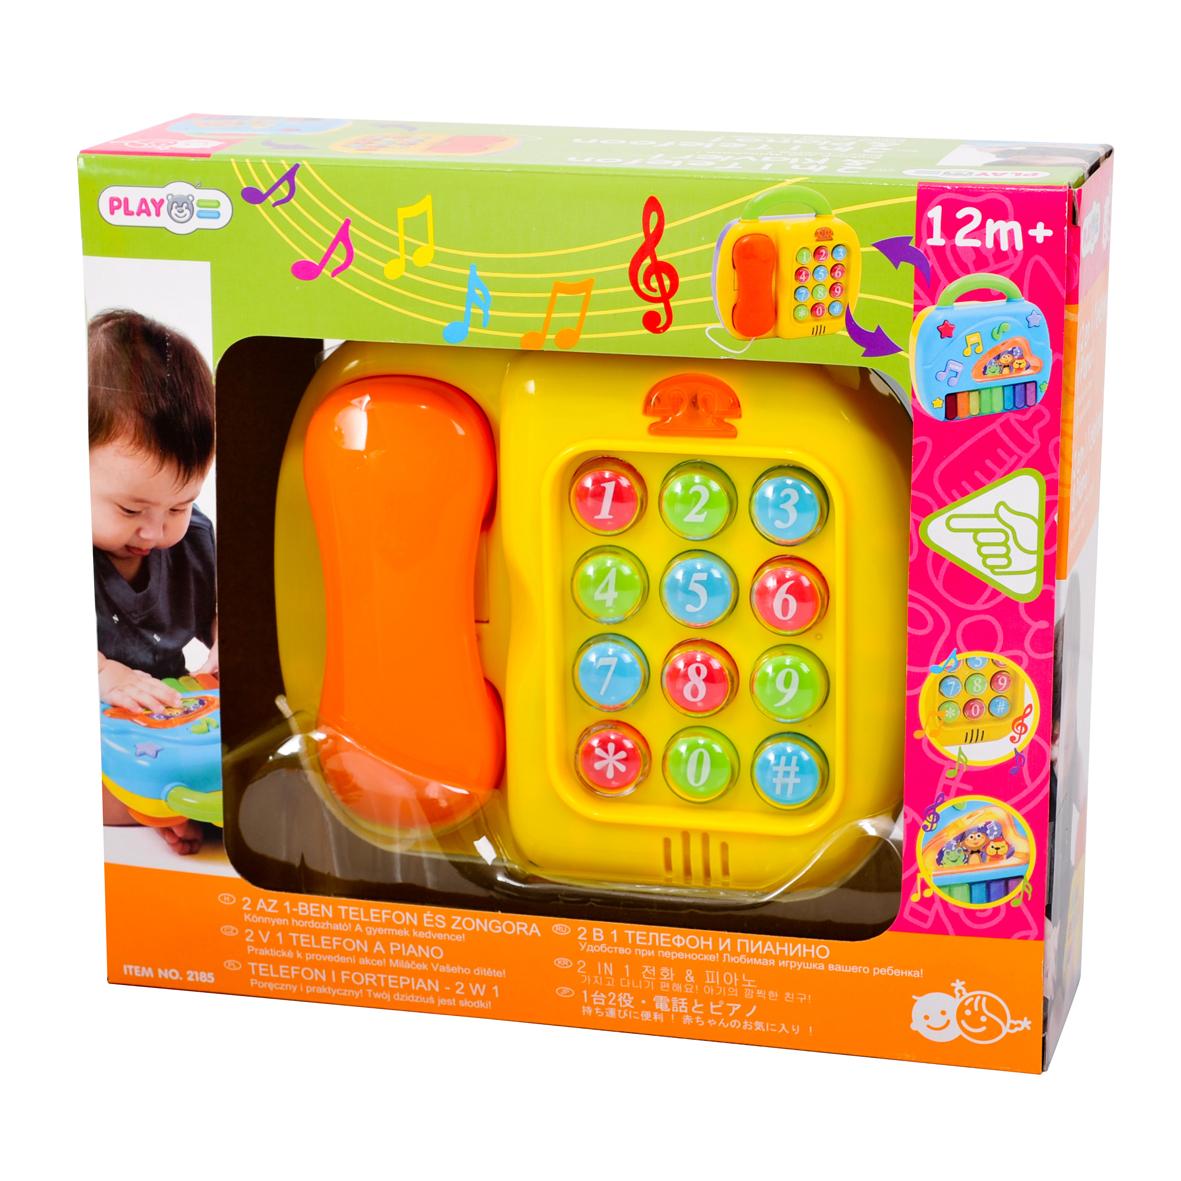 Playgo Развивающий центр Телефон и пианиноPlay 2185Развивающий центр Телефон и пианино - двусторонняя игрушка. Телефон со световым и звуковым эффектами. Имитирует устройство настоящего: кнопочки с цифрами, при нажатии пищат, слышны гудки. Пианино с разноцветными клавишами. Есть демонстрационная клавиша для просмотра возможностей и инструментальная клавиша. Для работы требуются 3 батарейки АА (входят в комплект).